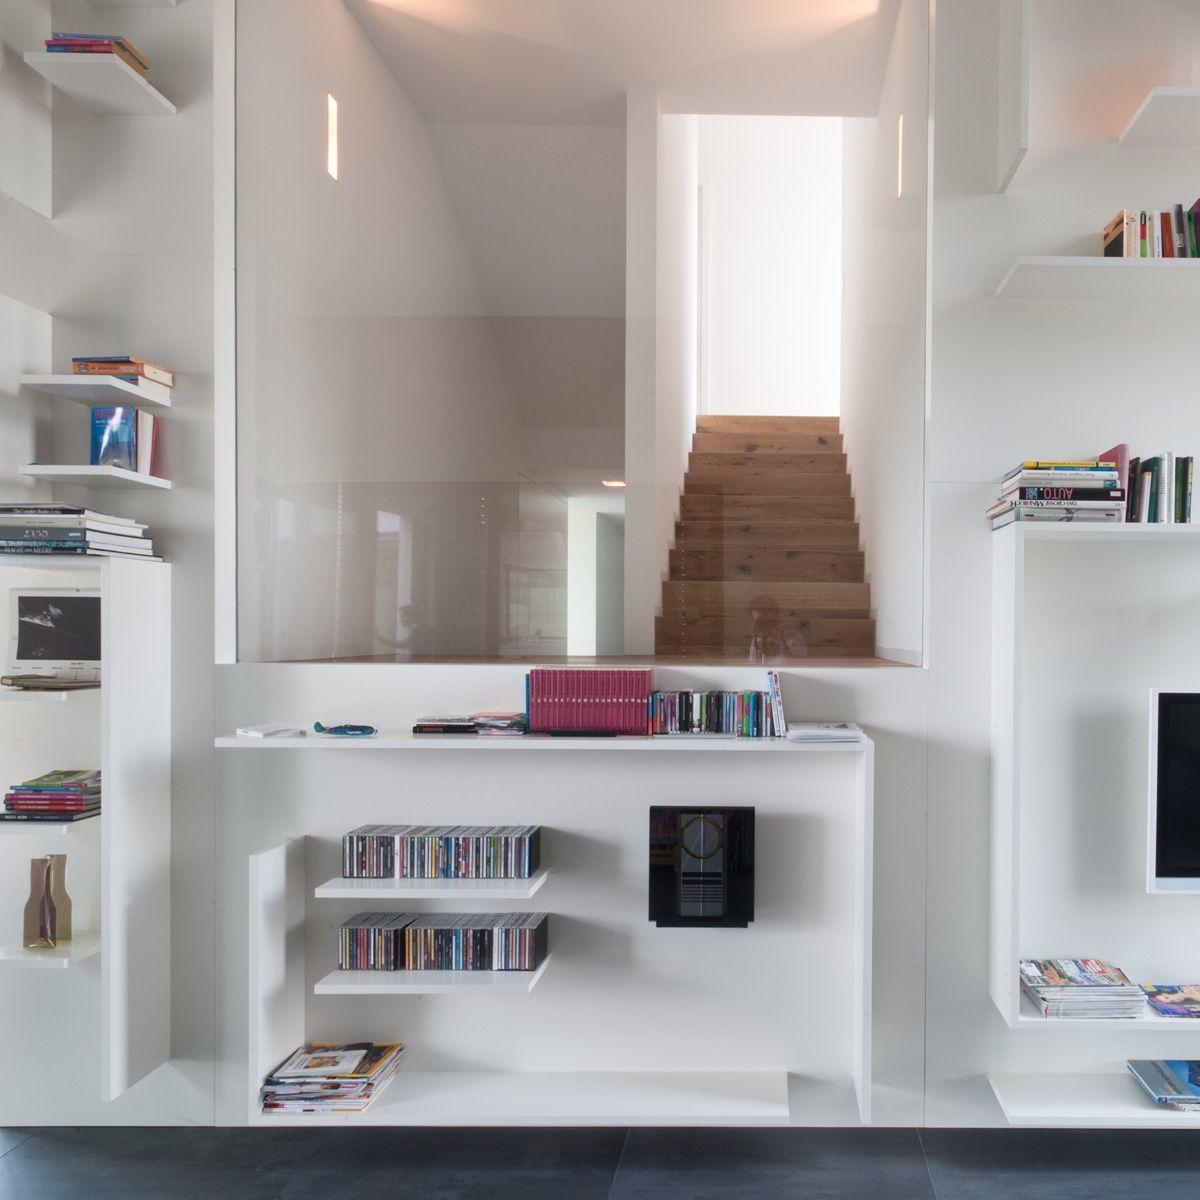 innenausbau projekte in stuttgart ludwigsburg und der region. Black Bedroom Furniture Sets. Home Design Ideas